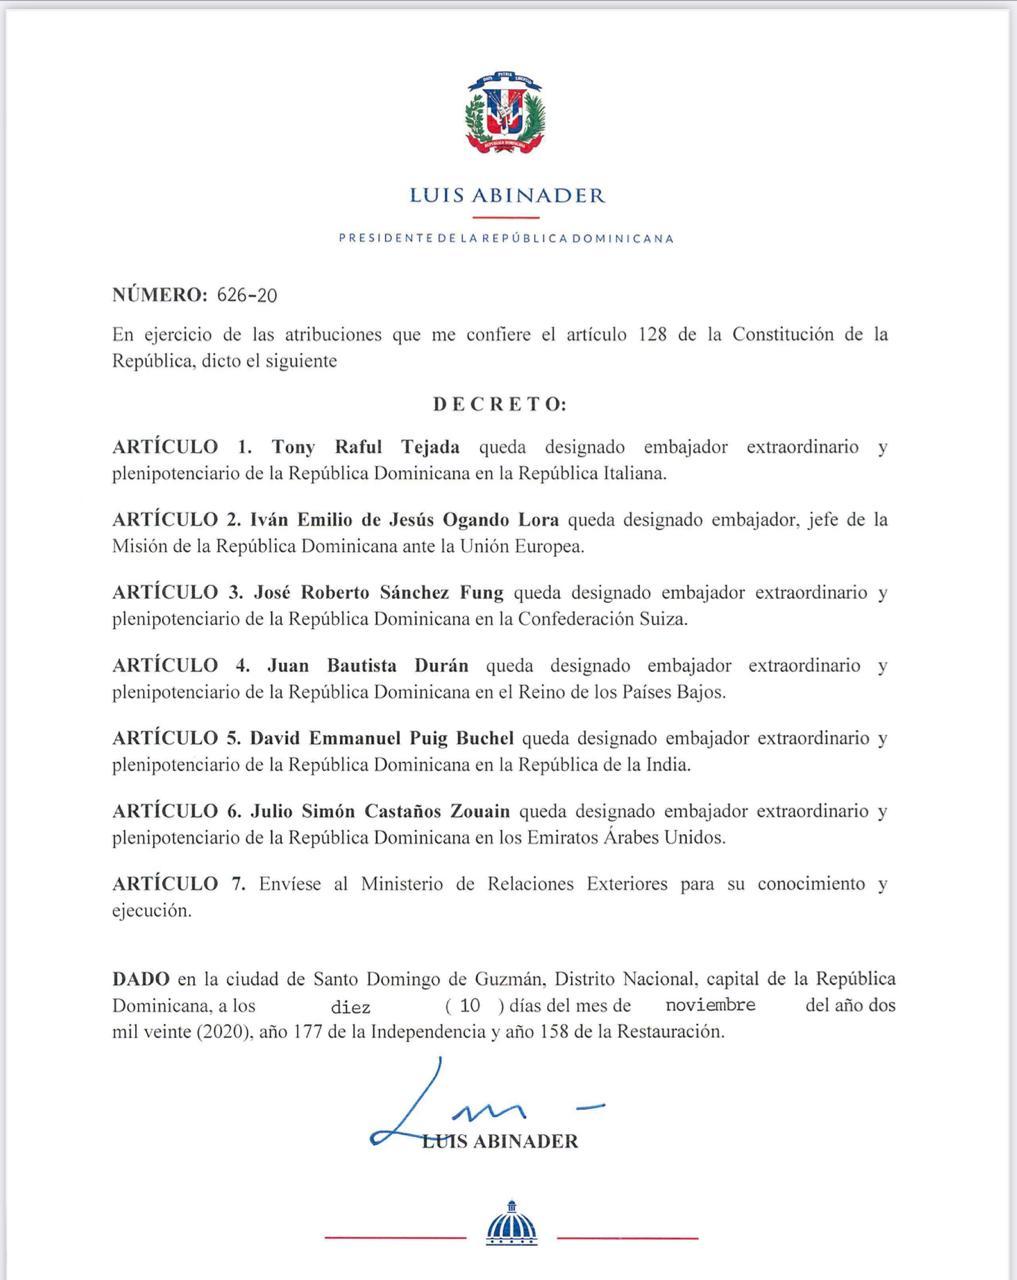 Decreto 626-20